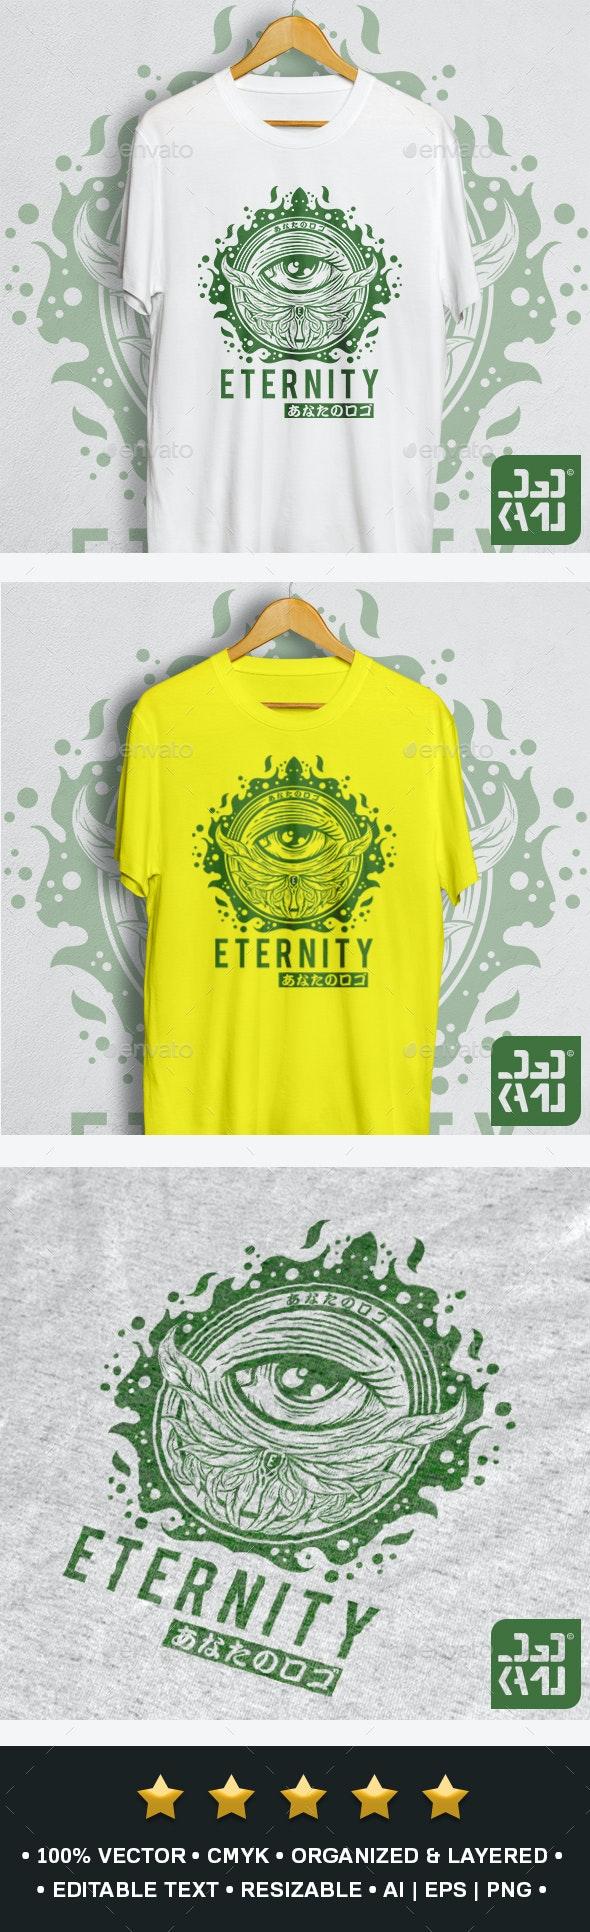 Eternity T-Shirt Design - Grunge Designs